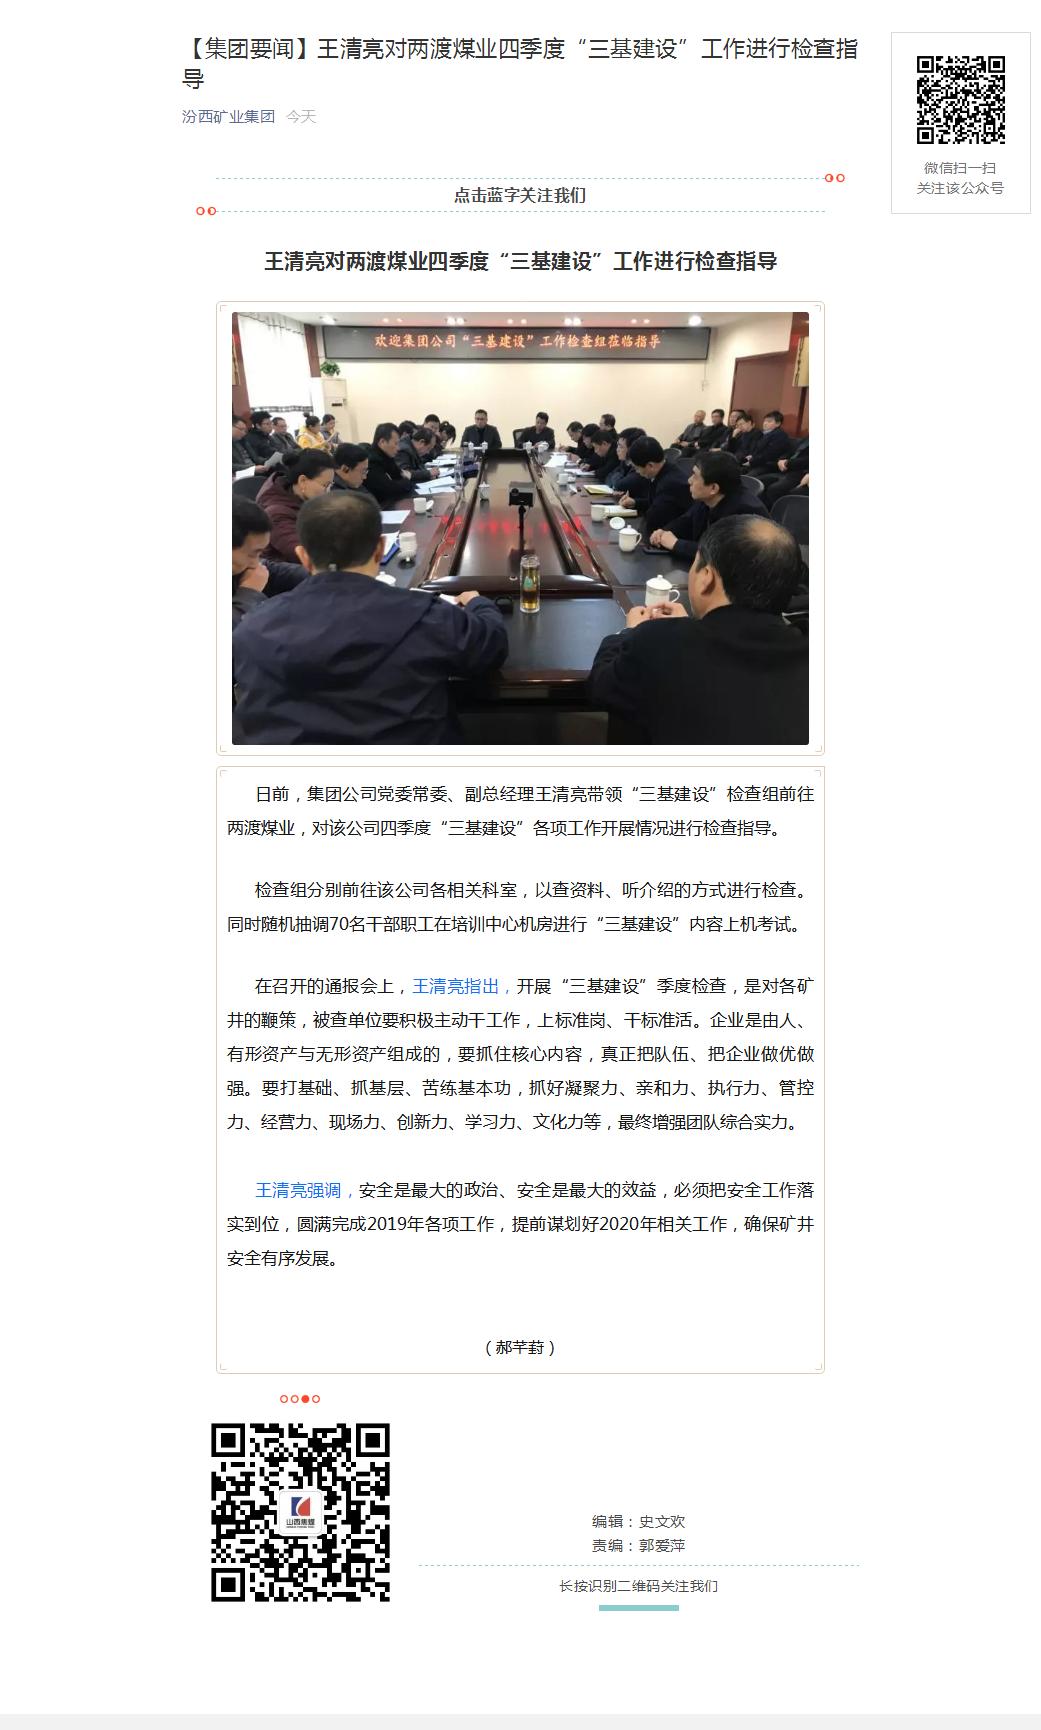 """王清亮对两渡煤业四季度""""三基建设""""工作进行检查指导.png"""